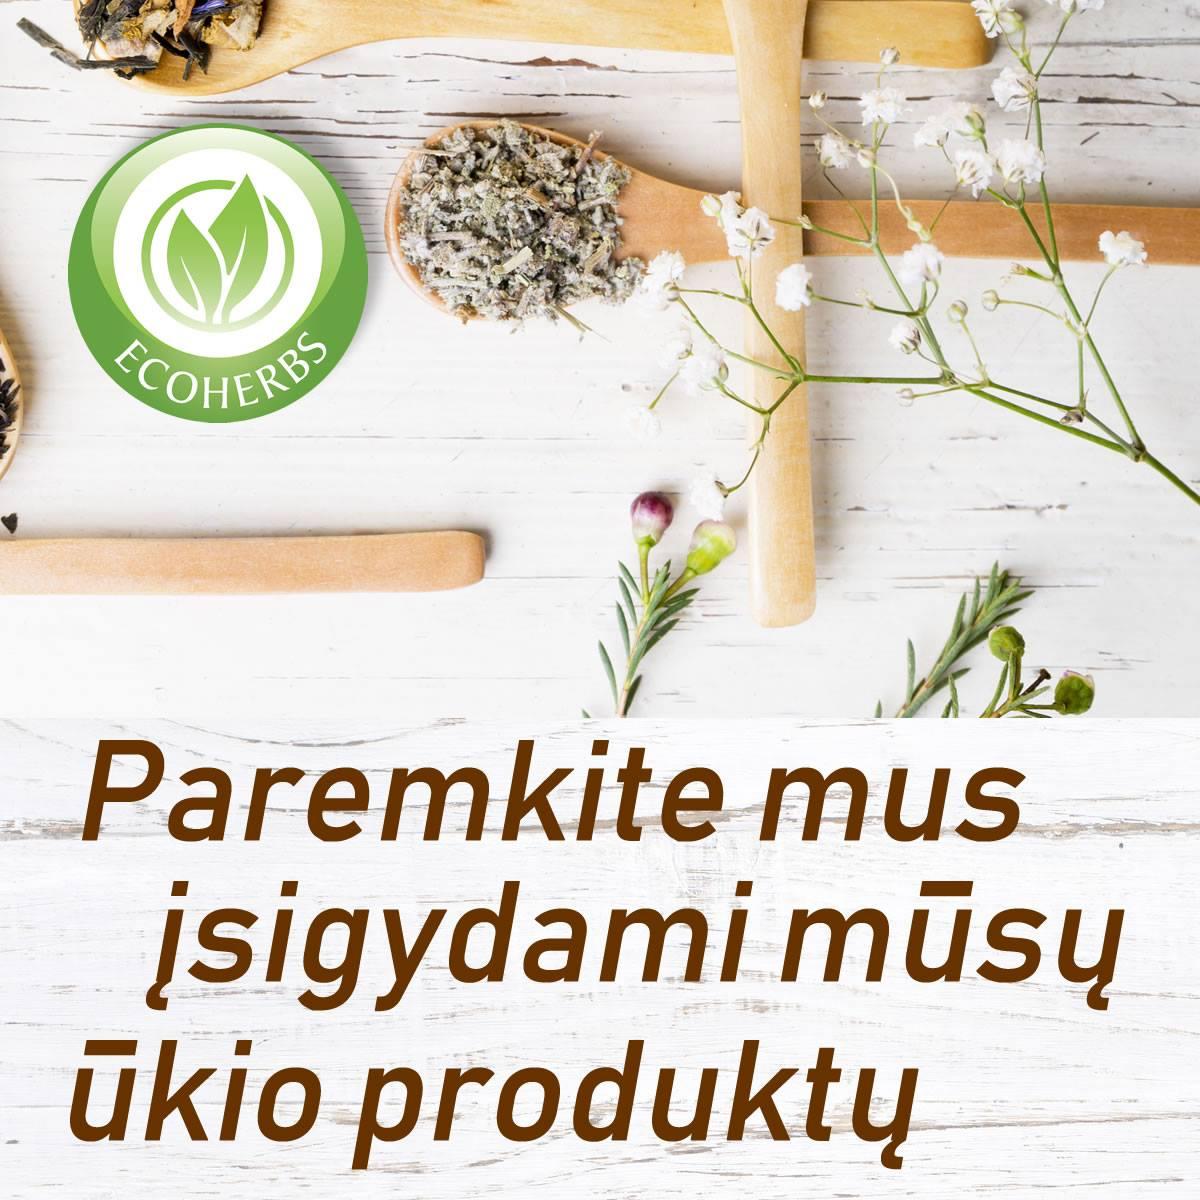 sidebar banner image